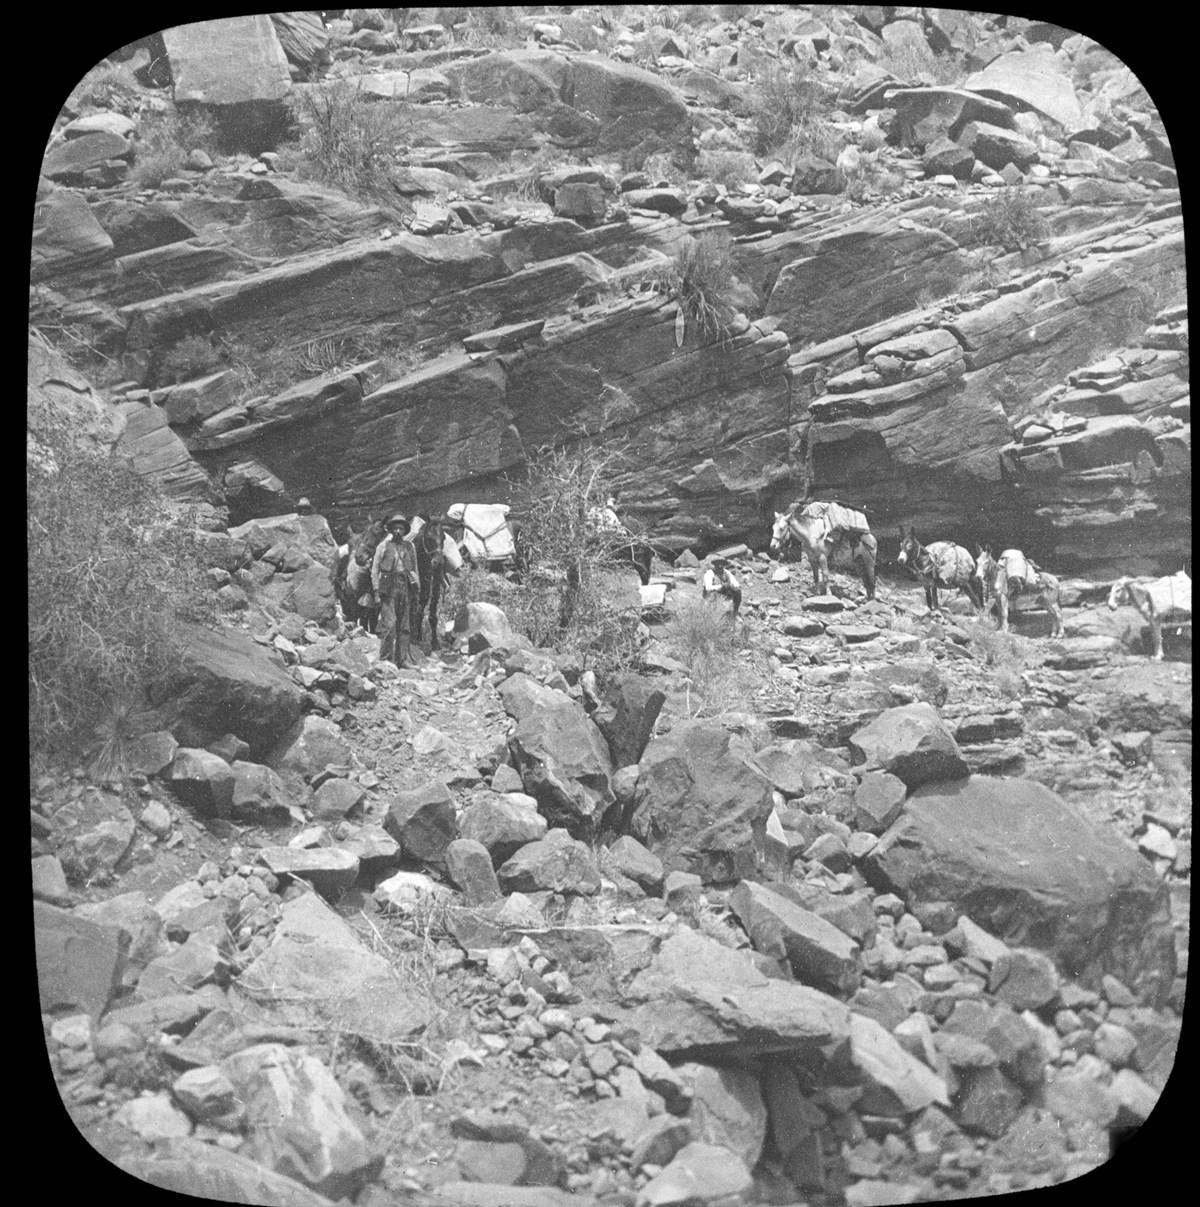 Burros lead by a pioneer walking across a rocky landscape.